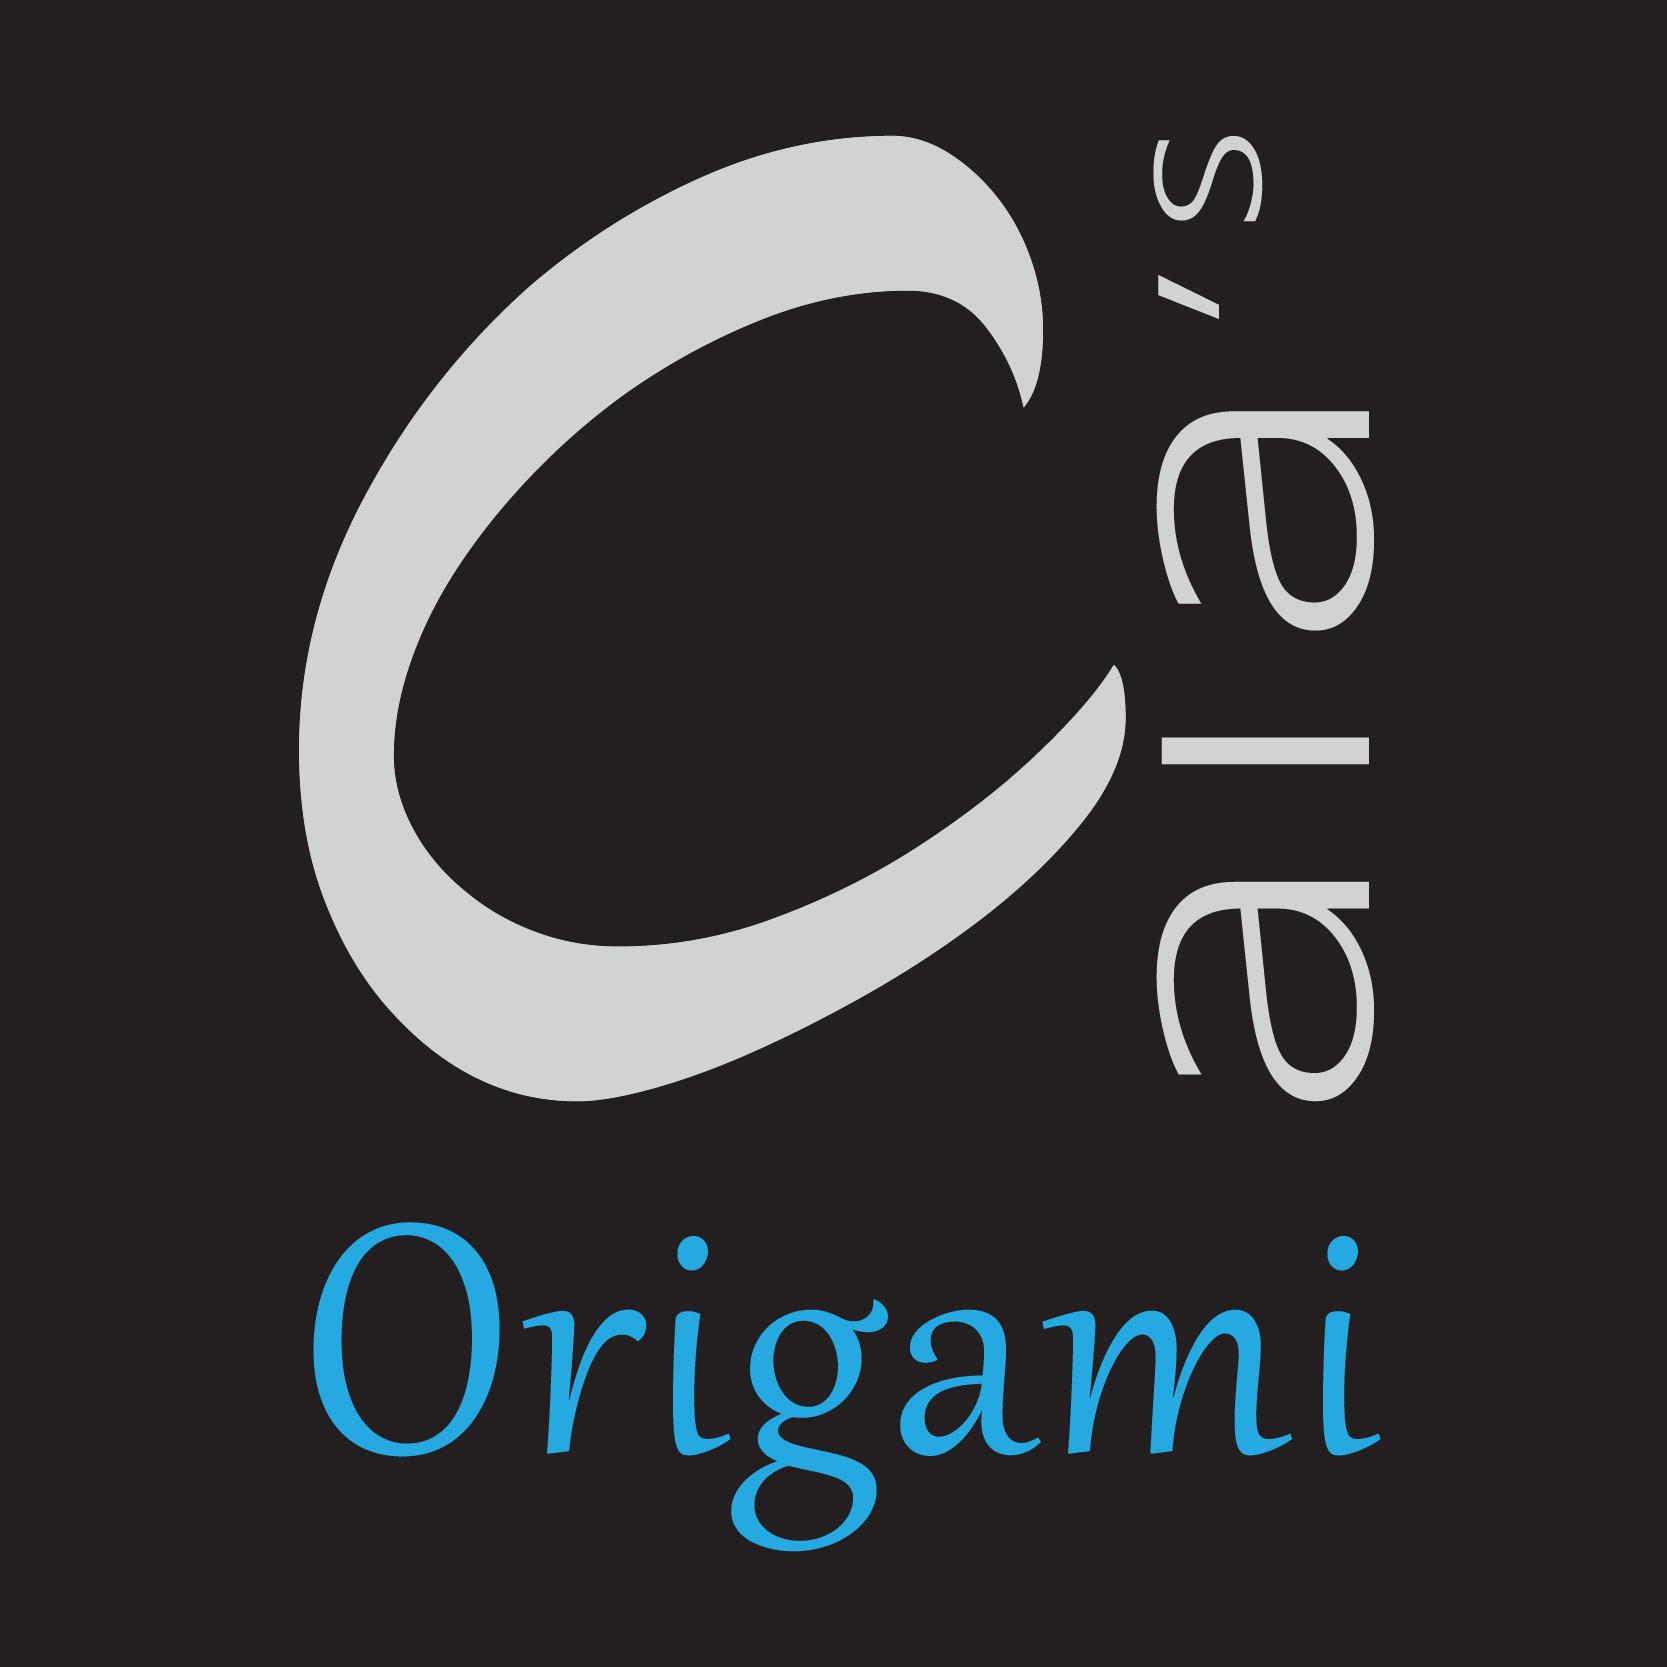 caiasorigami-01